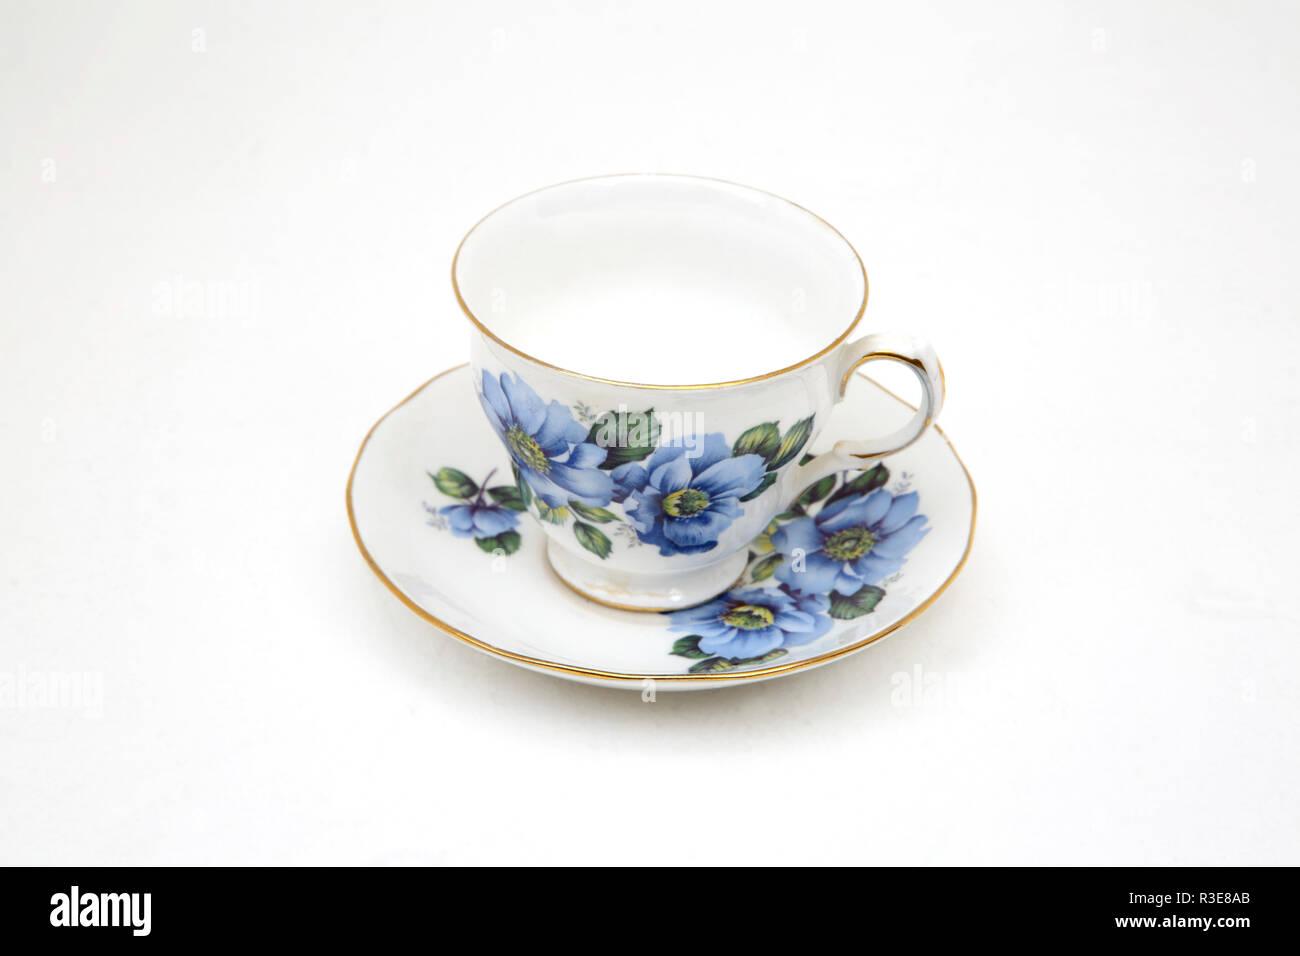 Gainsborough Bone China Tea Cup and Saucer - Stock Image